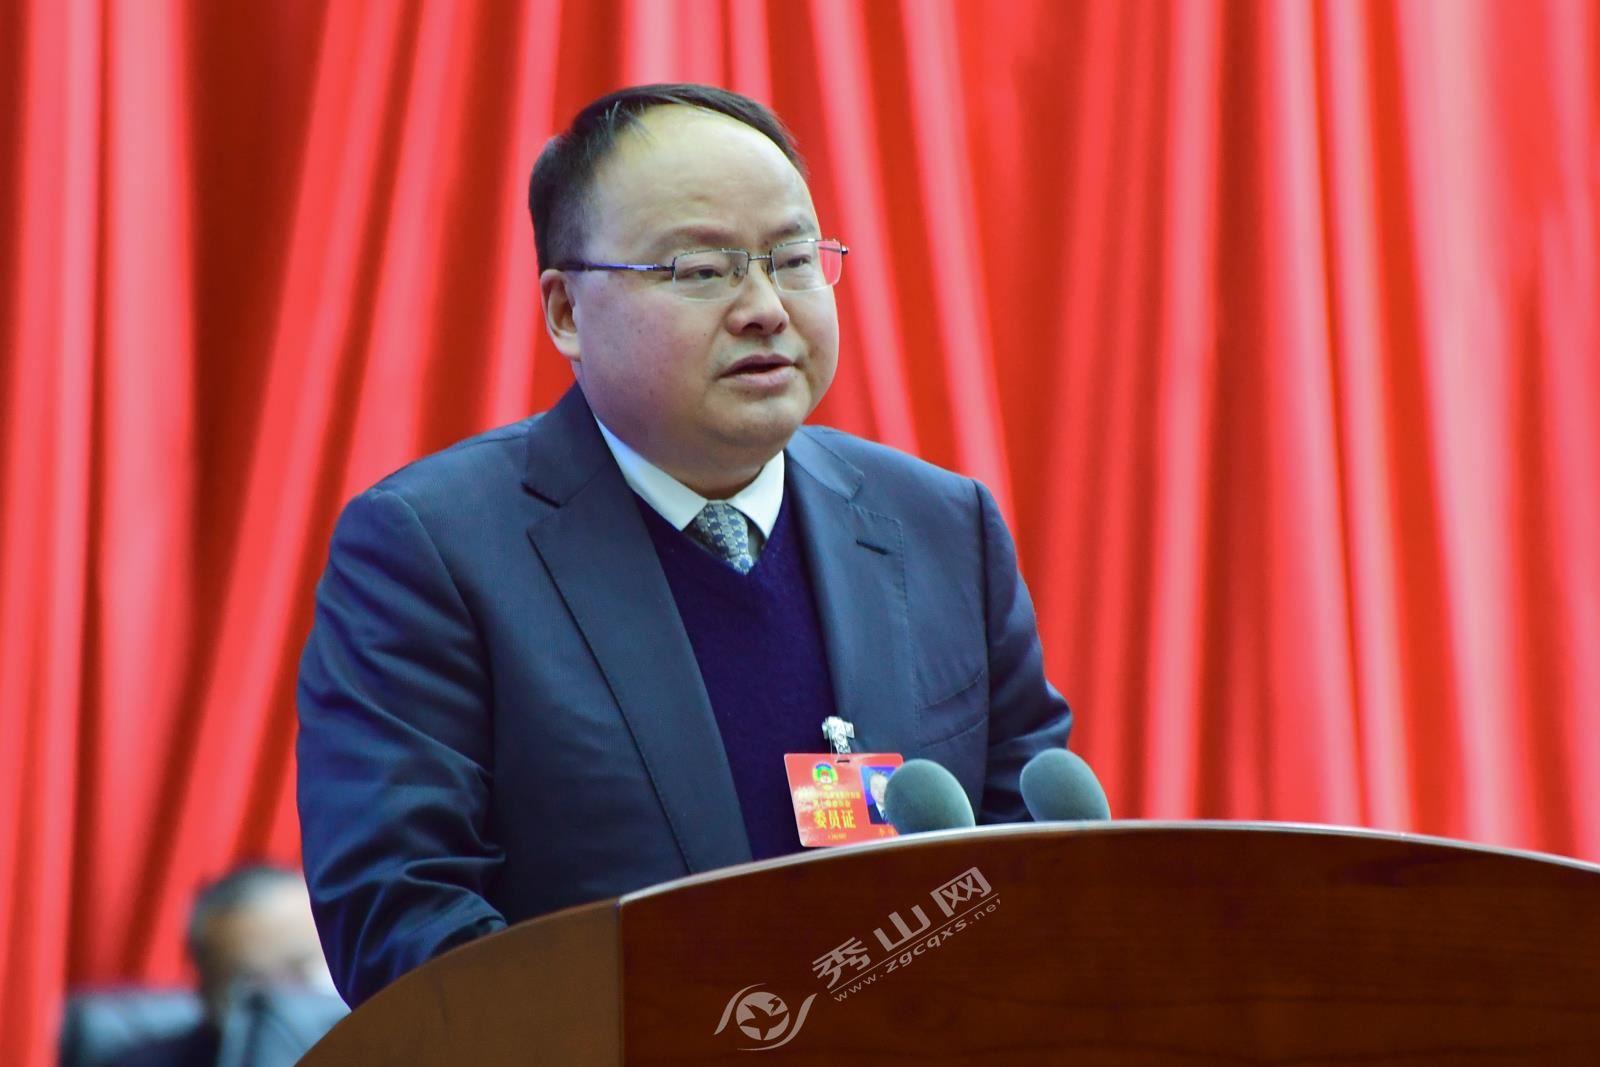 秀山县政协副主席李传宏作提案工作情况报告。鲁诗勤 摄